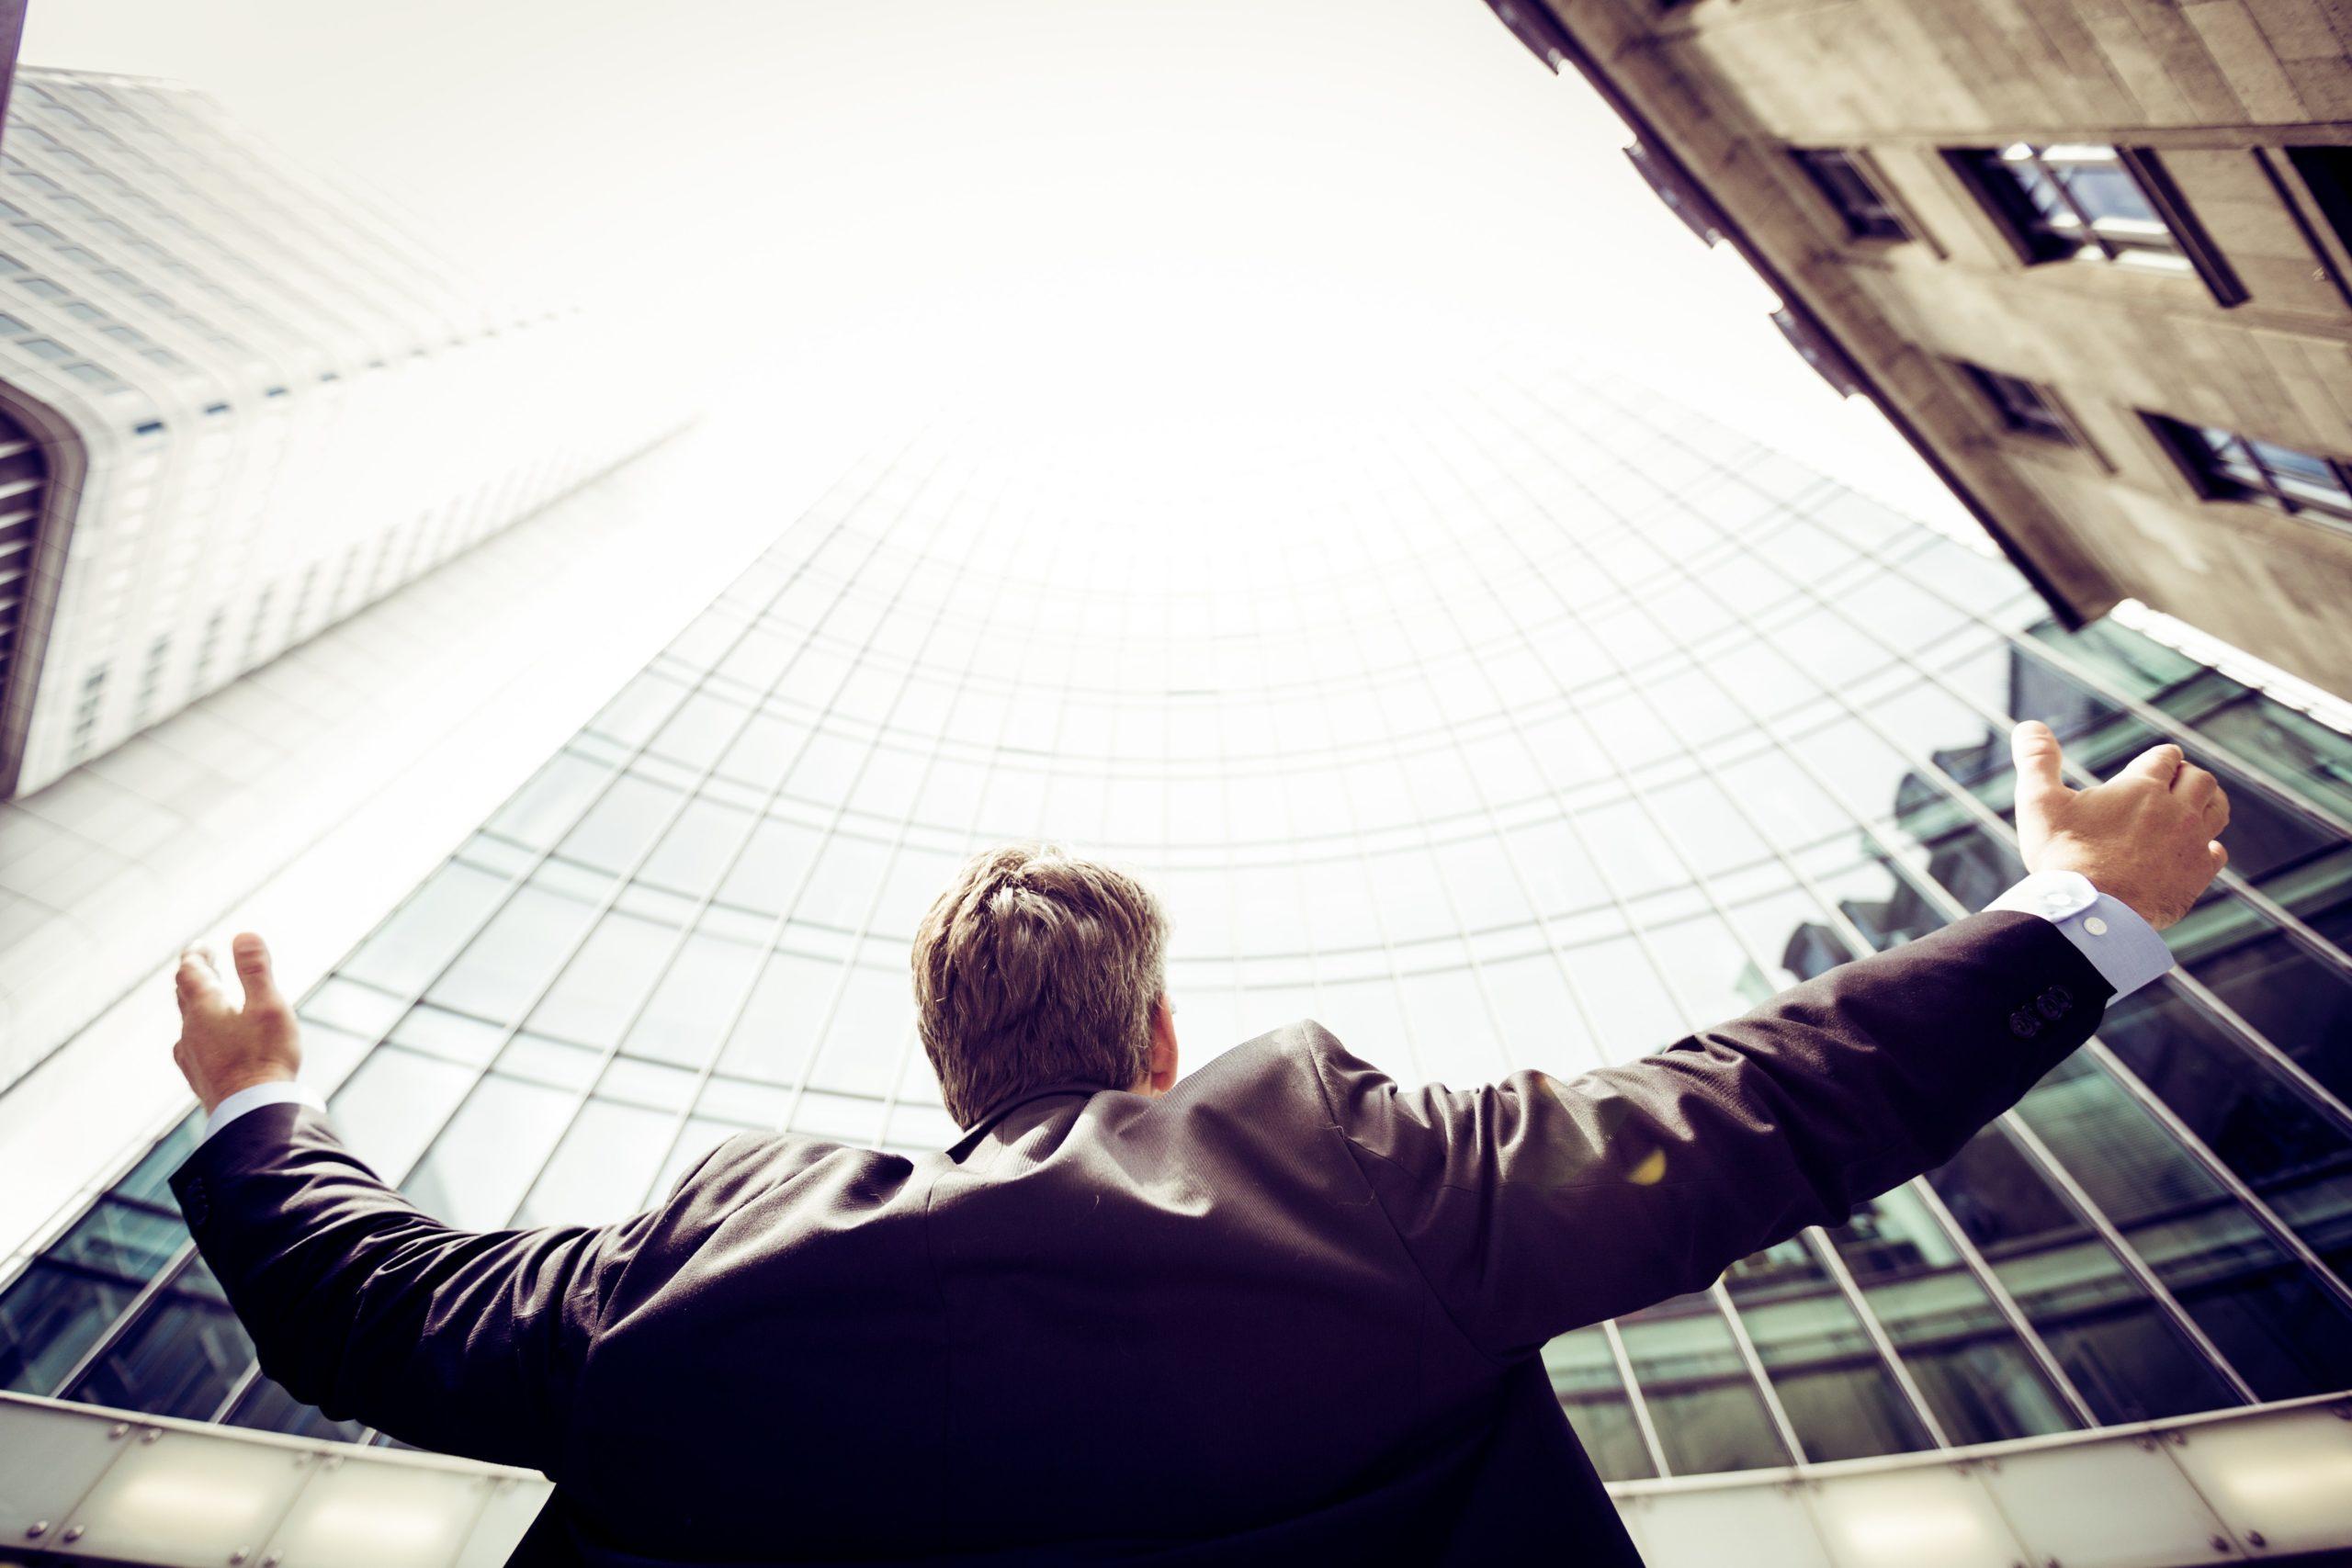 未経験でもIT業界に転職はできる?【伸びる業界でのキャリア設計】